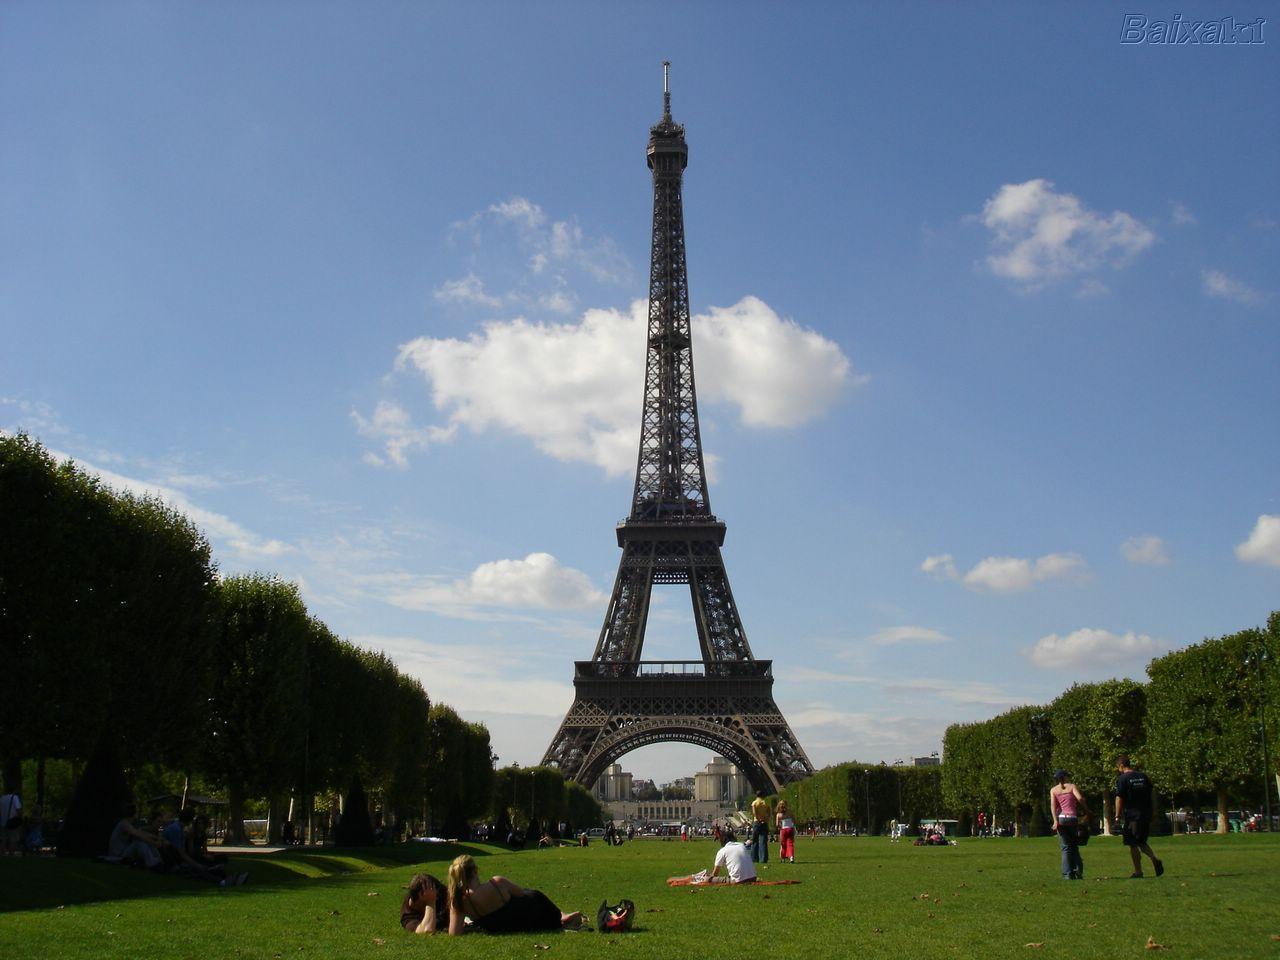 La torre eiffel un lugar tur stico de par s for Cuando se construyo la torre eiffel